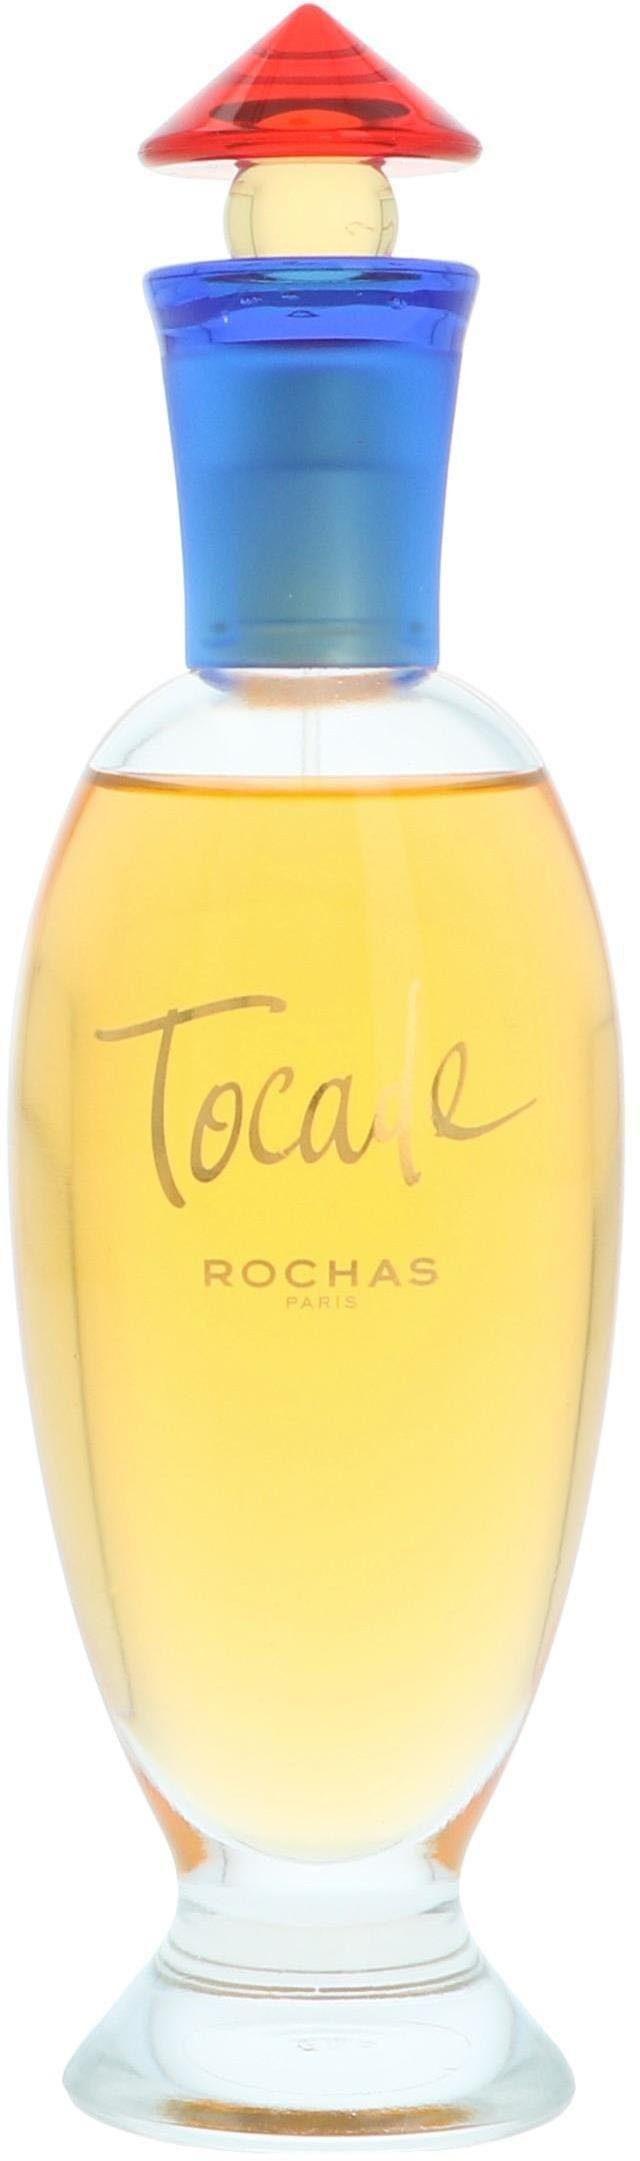 Rochas, »Tocade«, Eau de Toilette